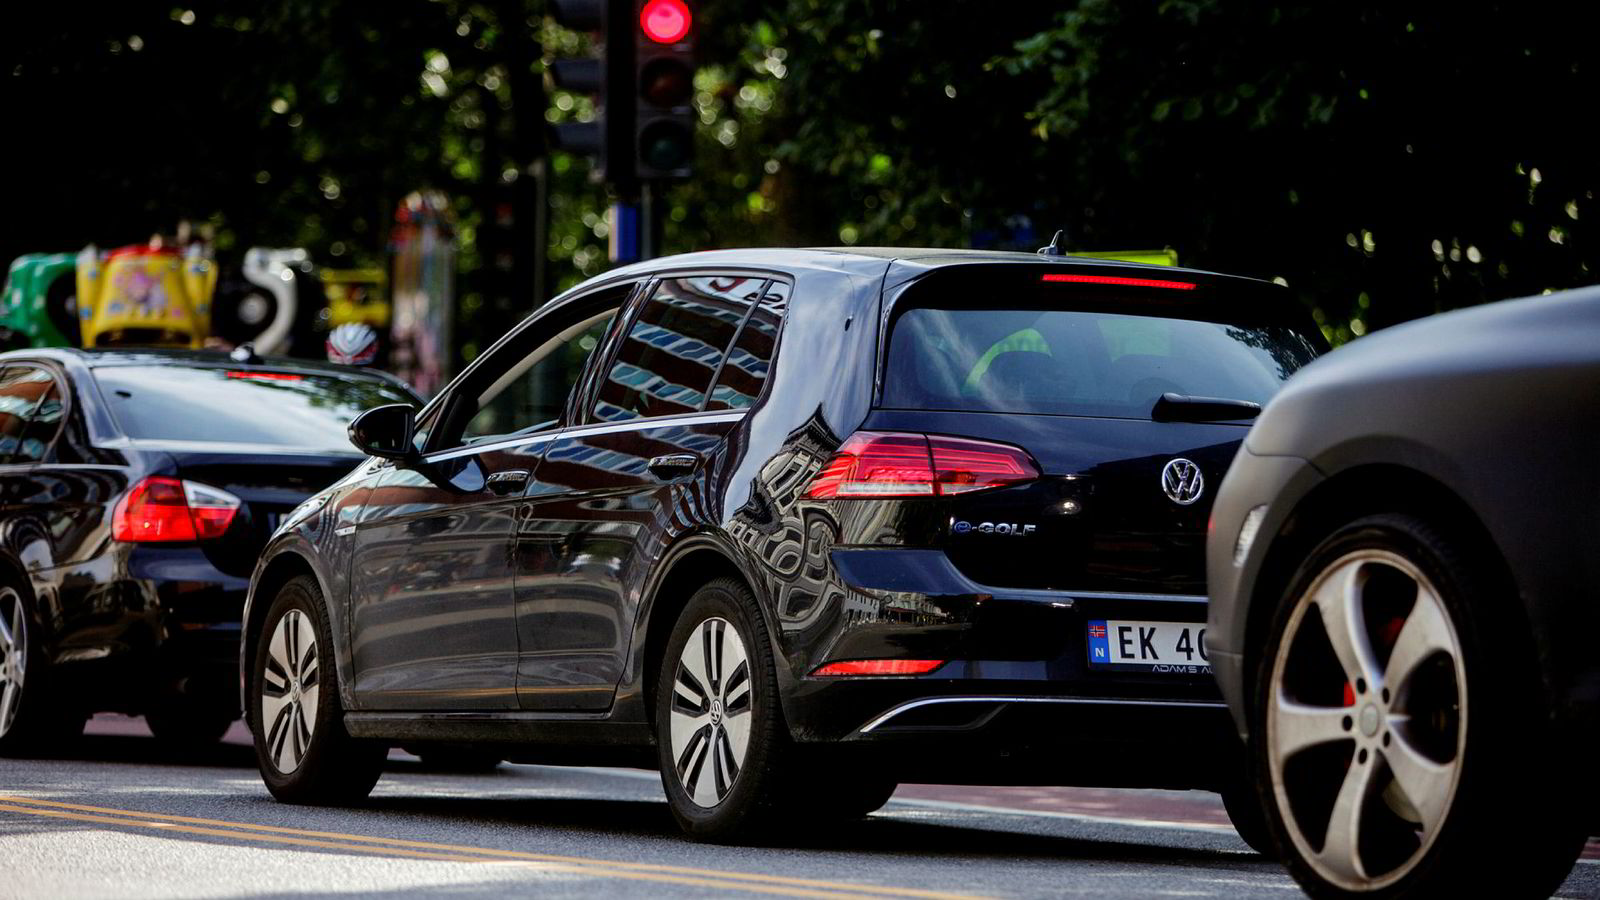 En gjennomsnittlig bil brukes i bare fire prosent av sin levetid – og kan utnyttes bedre gjennom deling, skriver artikkelforfatteren.